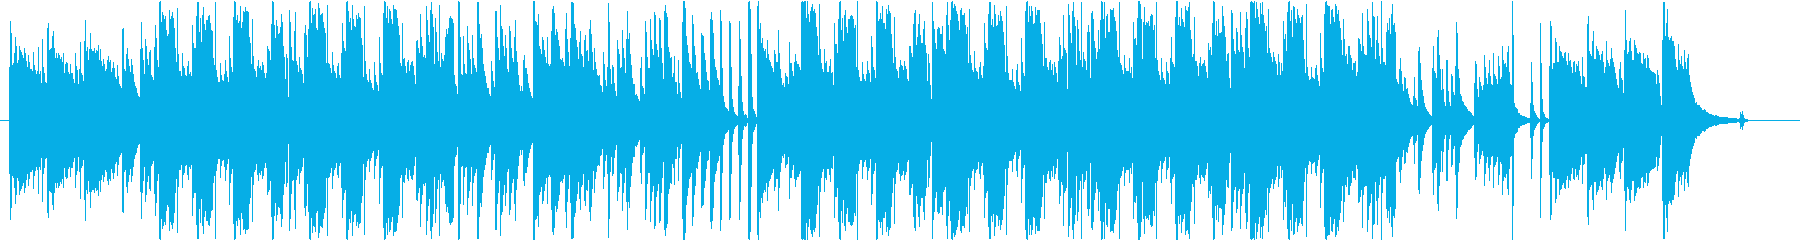 ギターとリコーダーのぽかぽかした曲の再生済みの波形